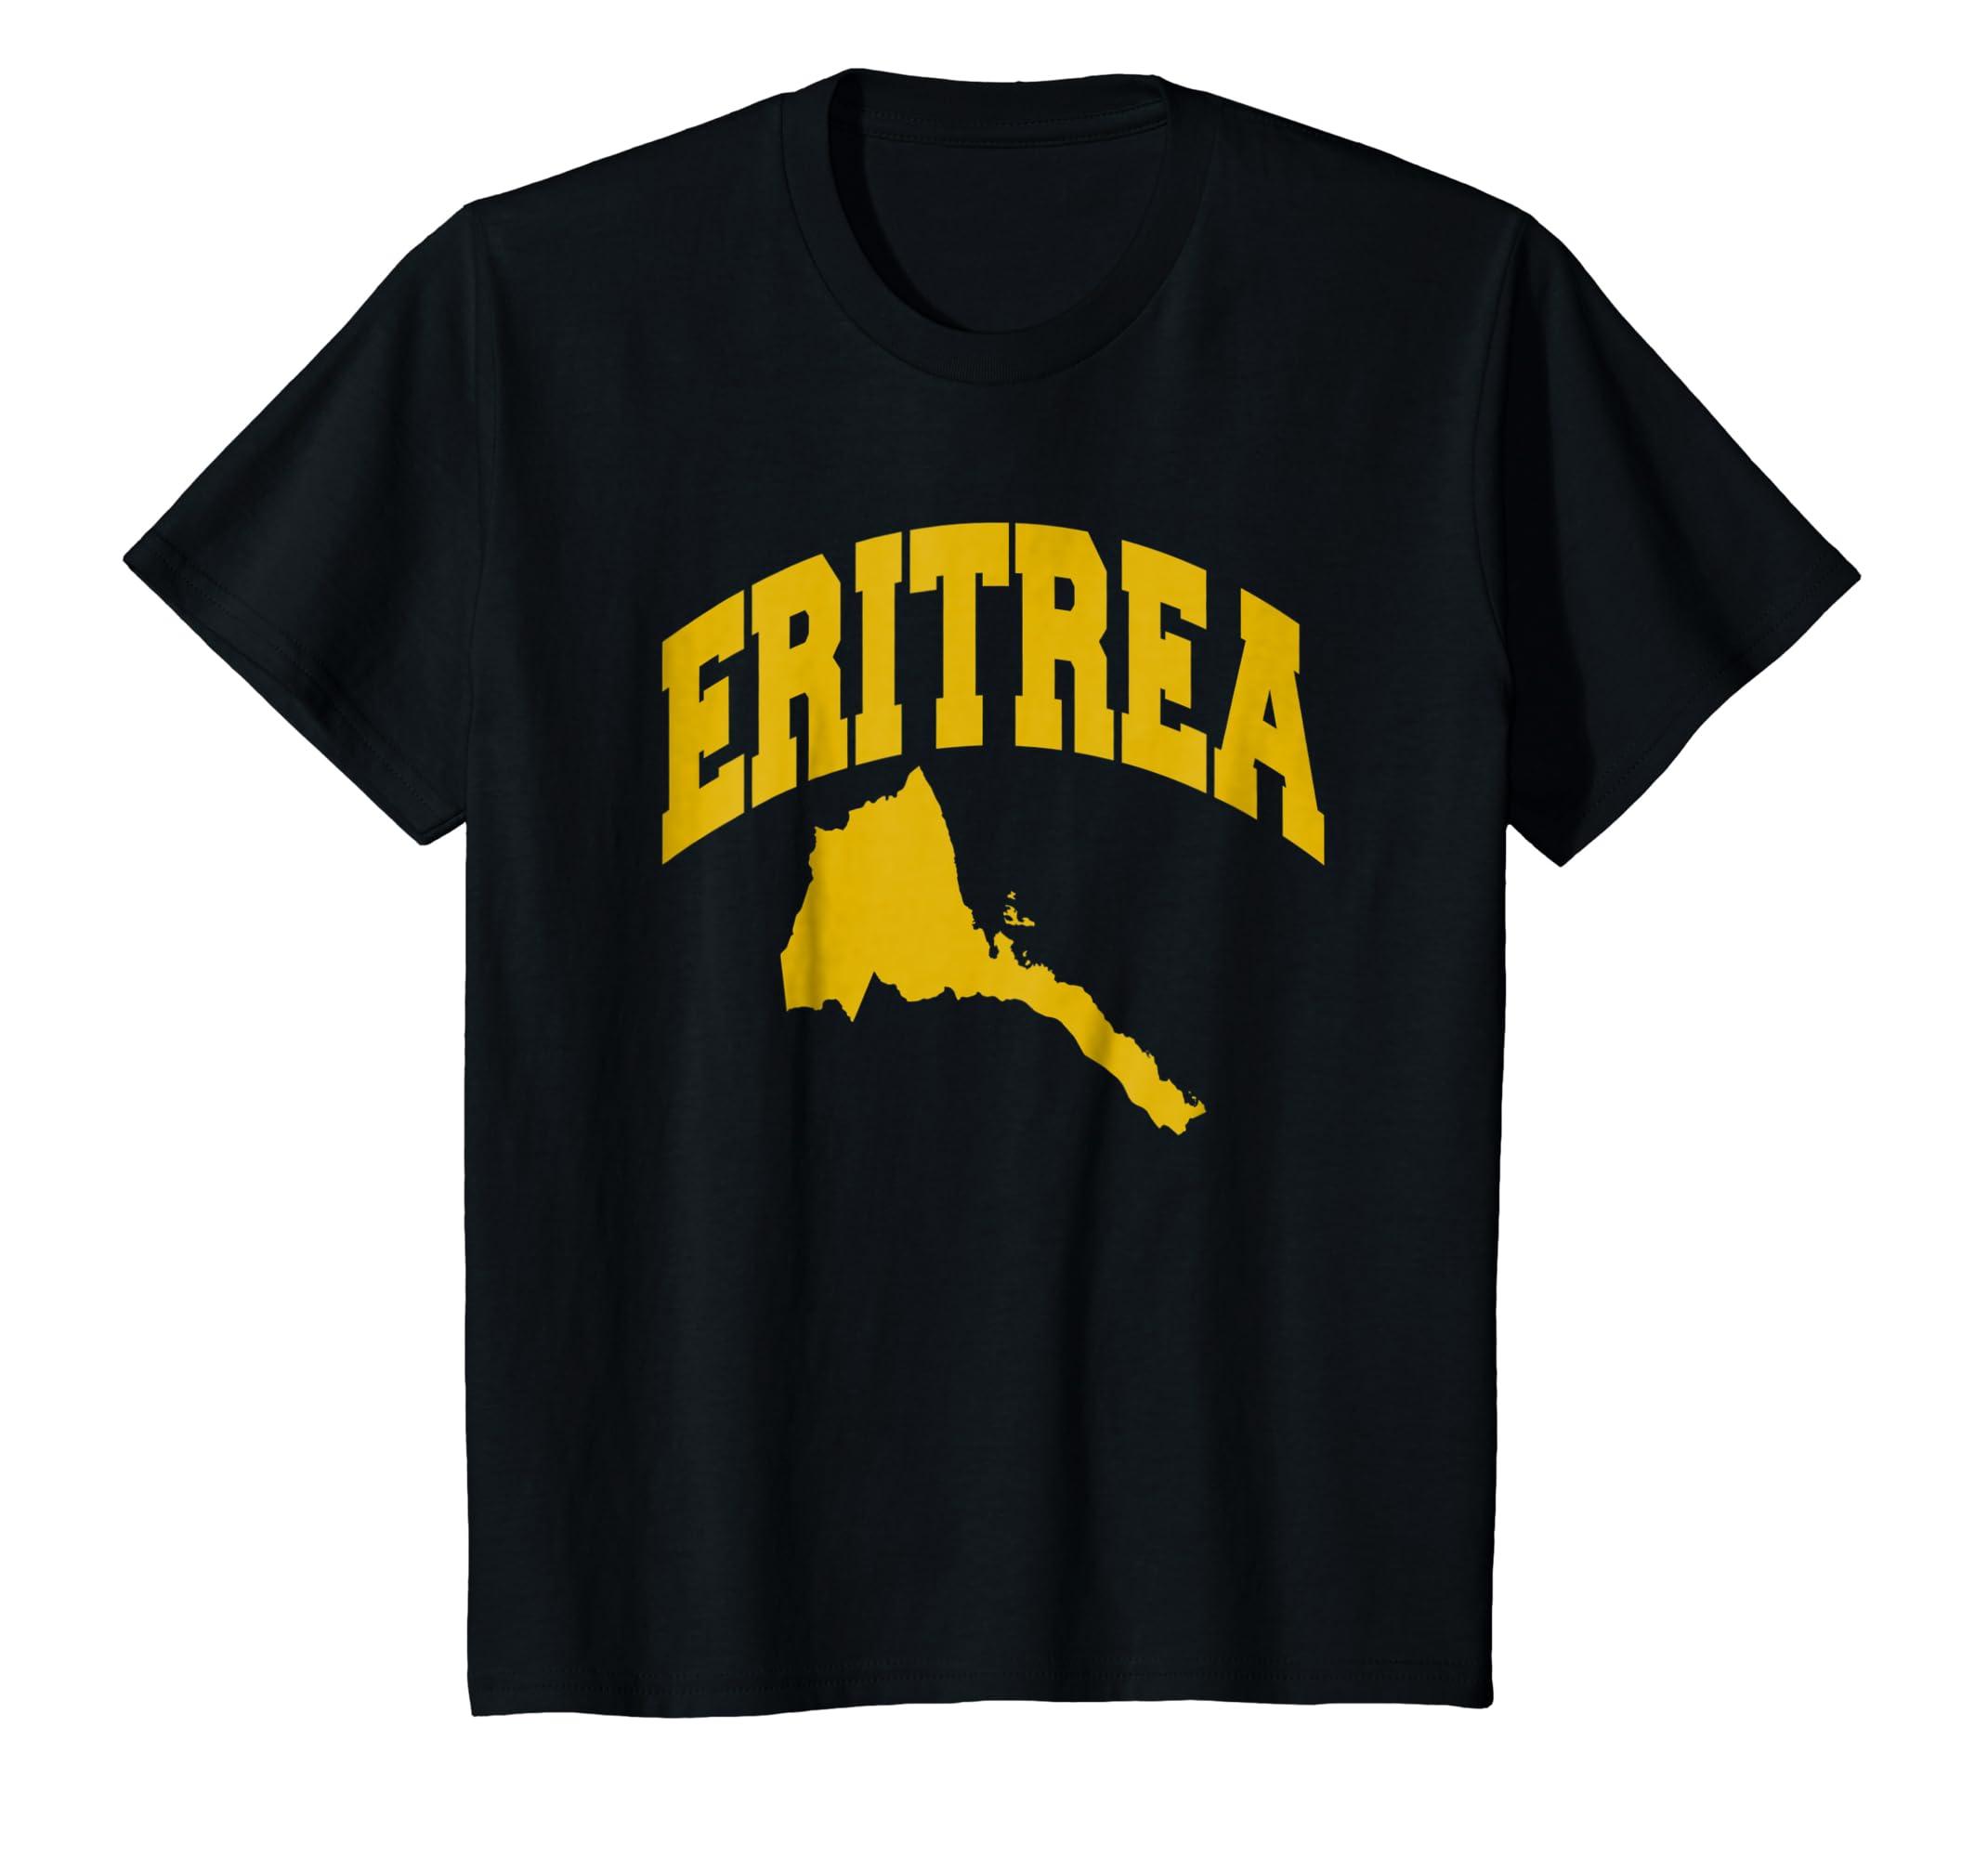 Eritrean pride I love Eritrea flag map Africa t shirt-Awarplus